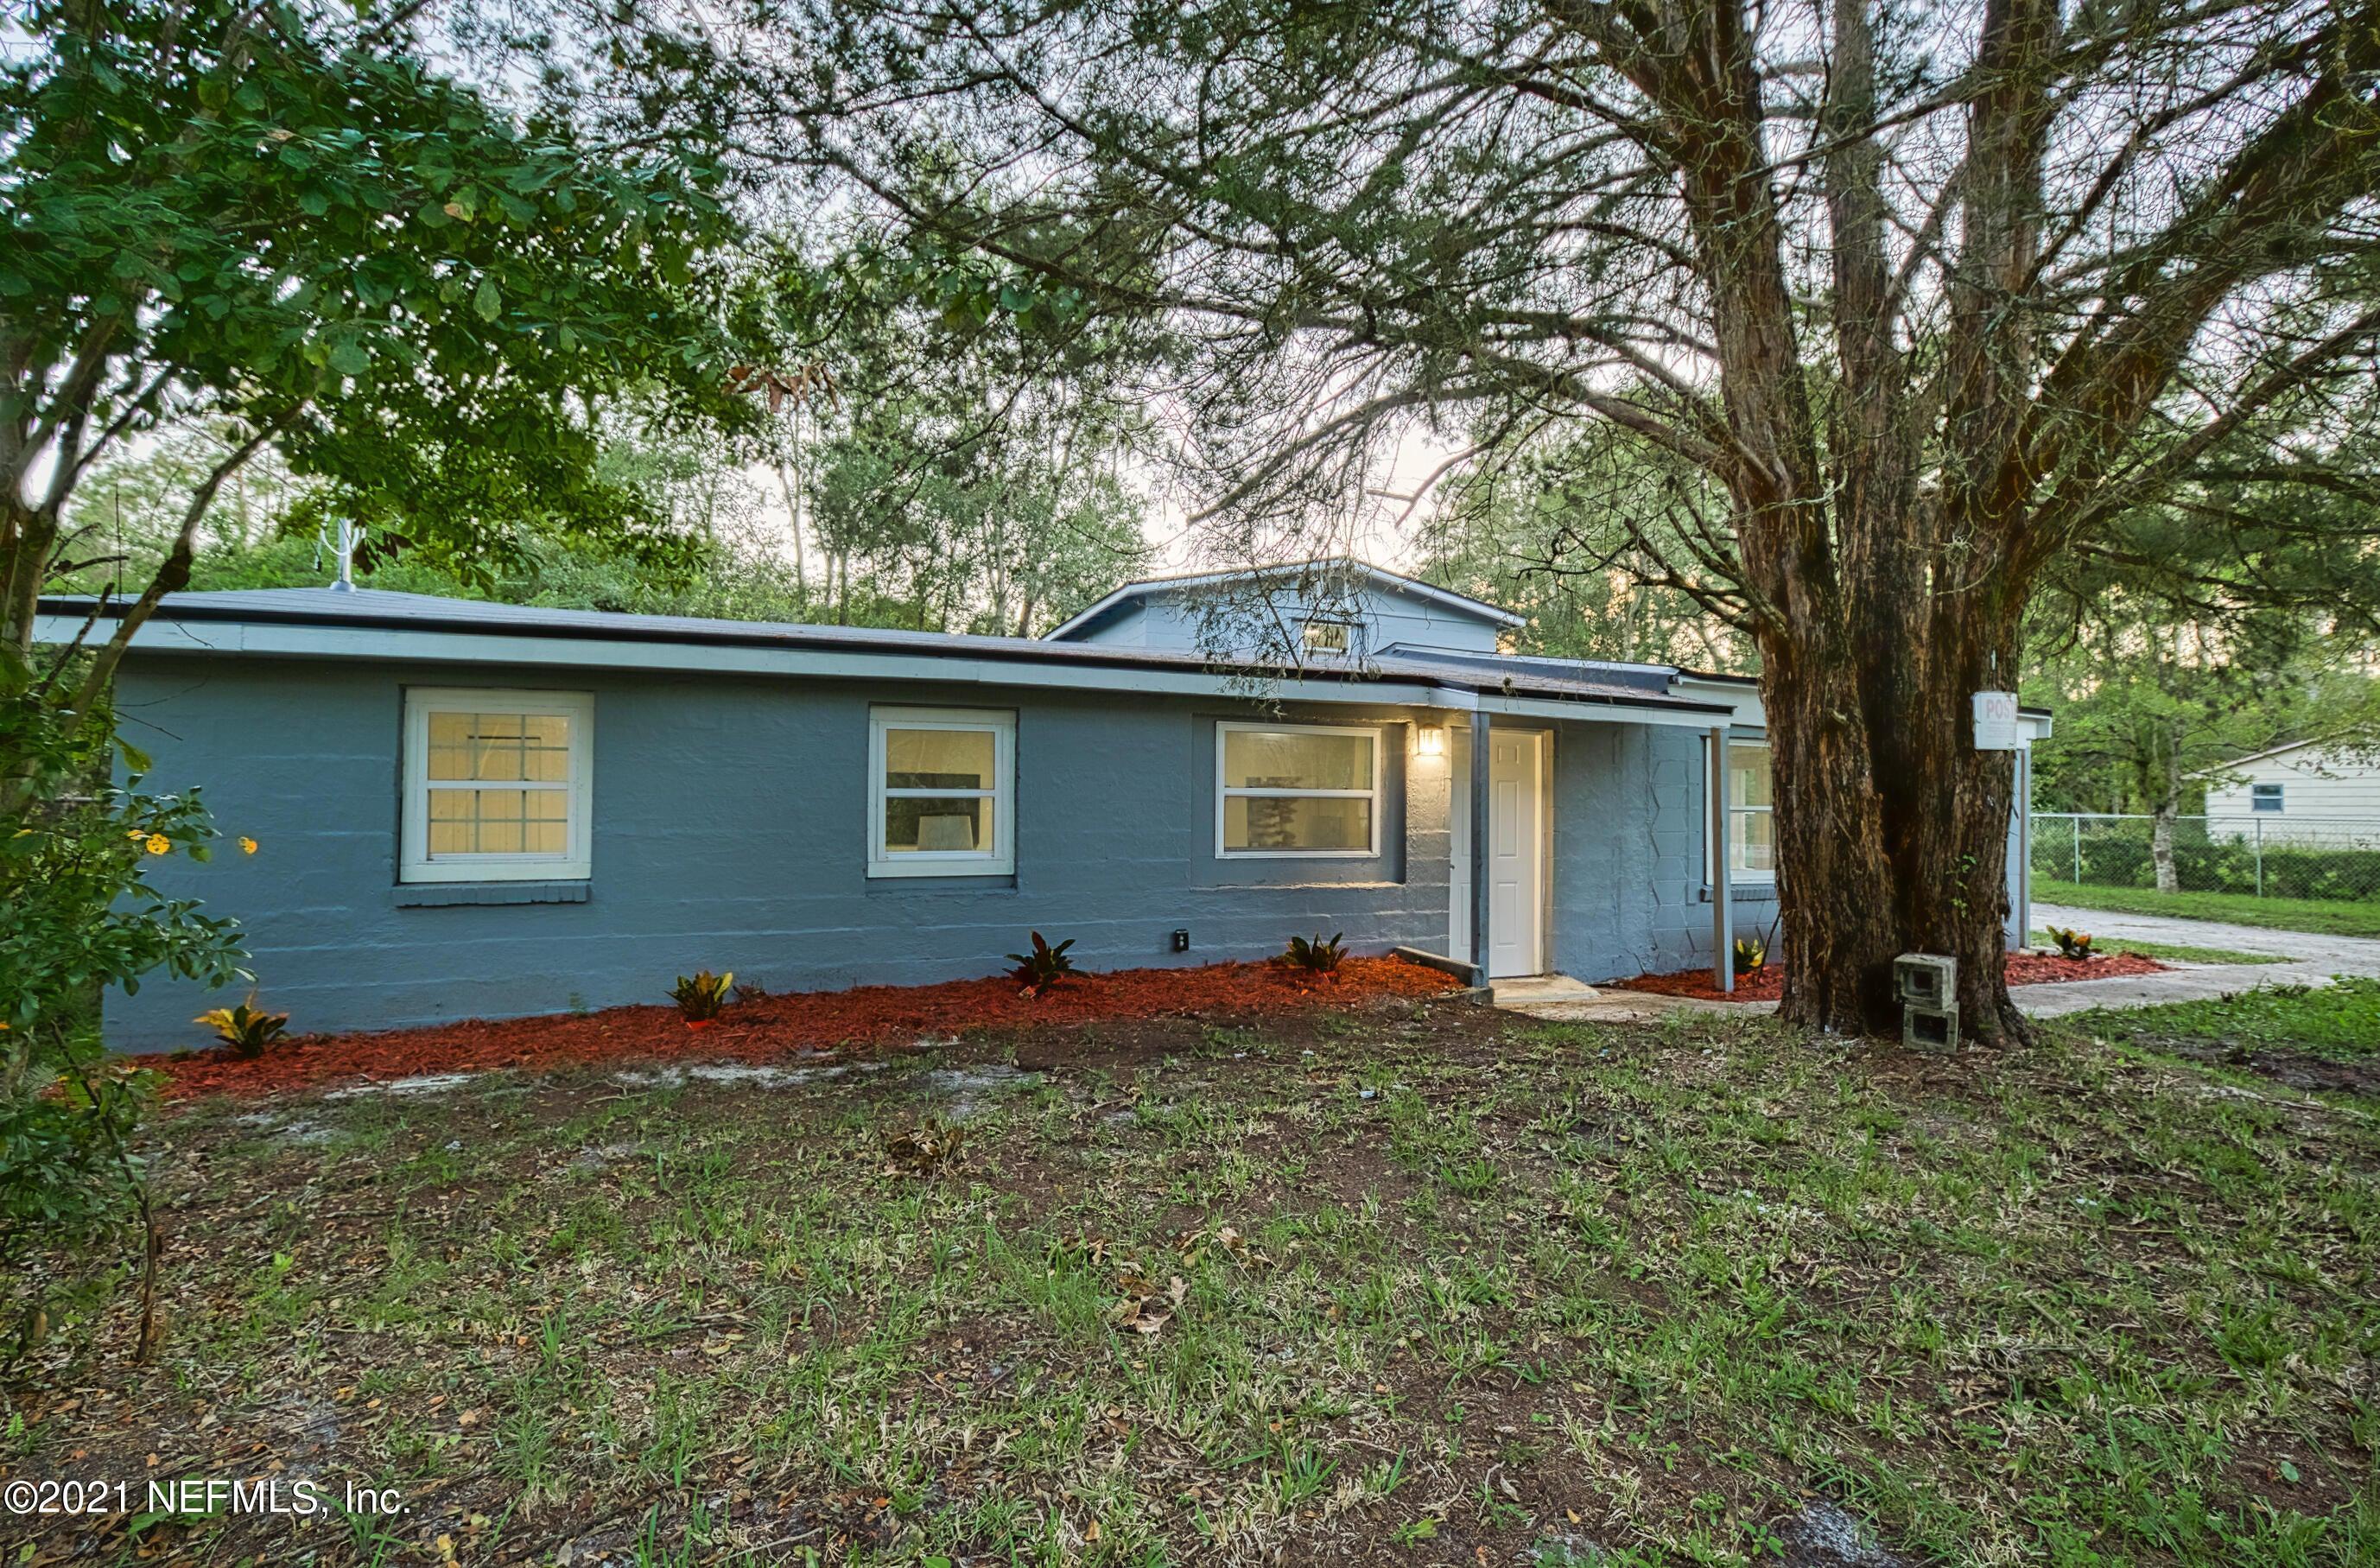 8136 SISKIN AVE, JACKSONVILLE, FL 32219